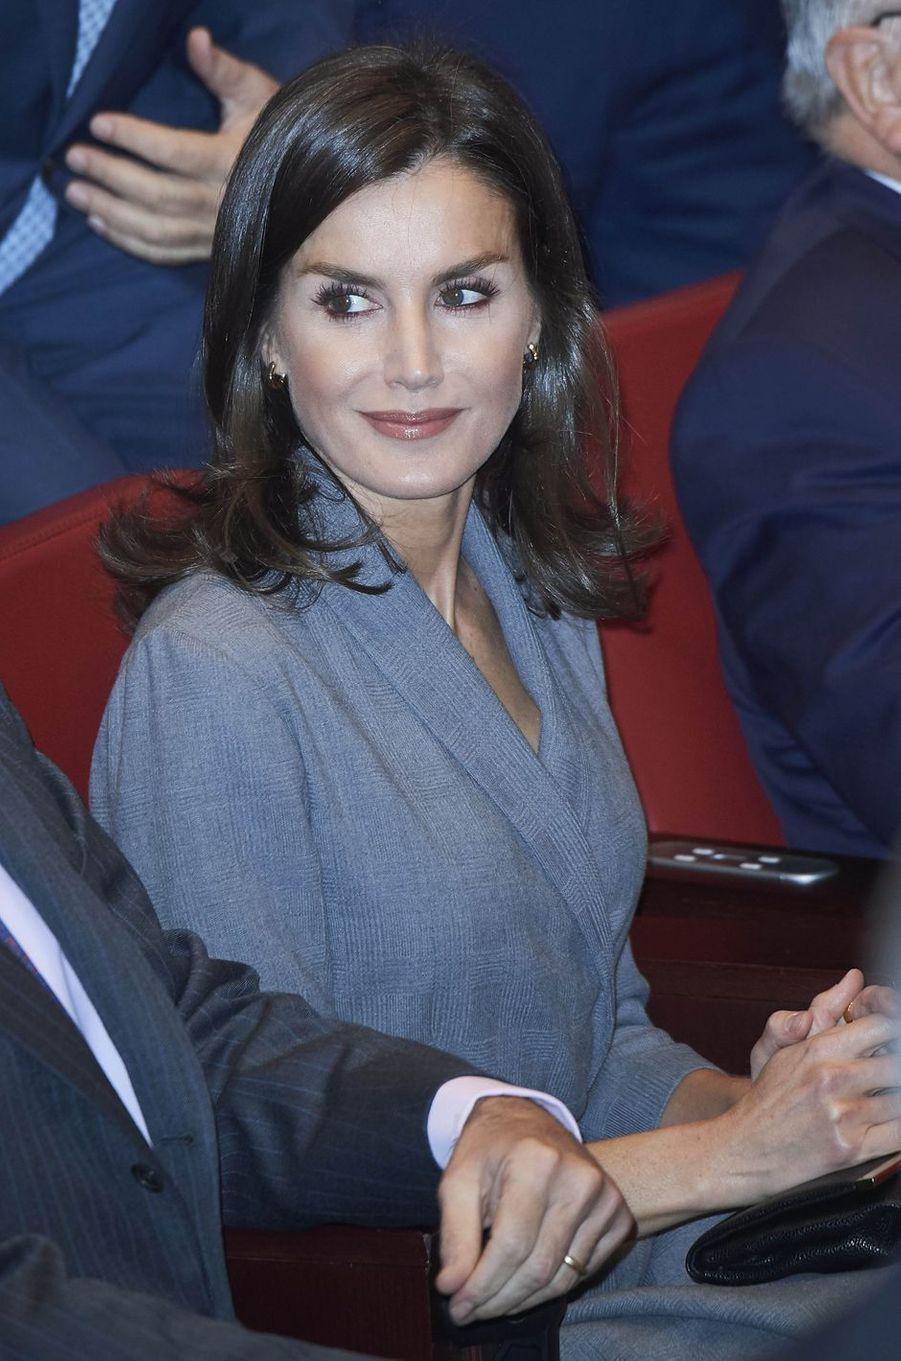 La reine Letizia d'Espagne, le 26 novembre 2019 à Madrid